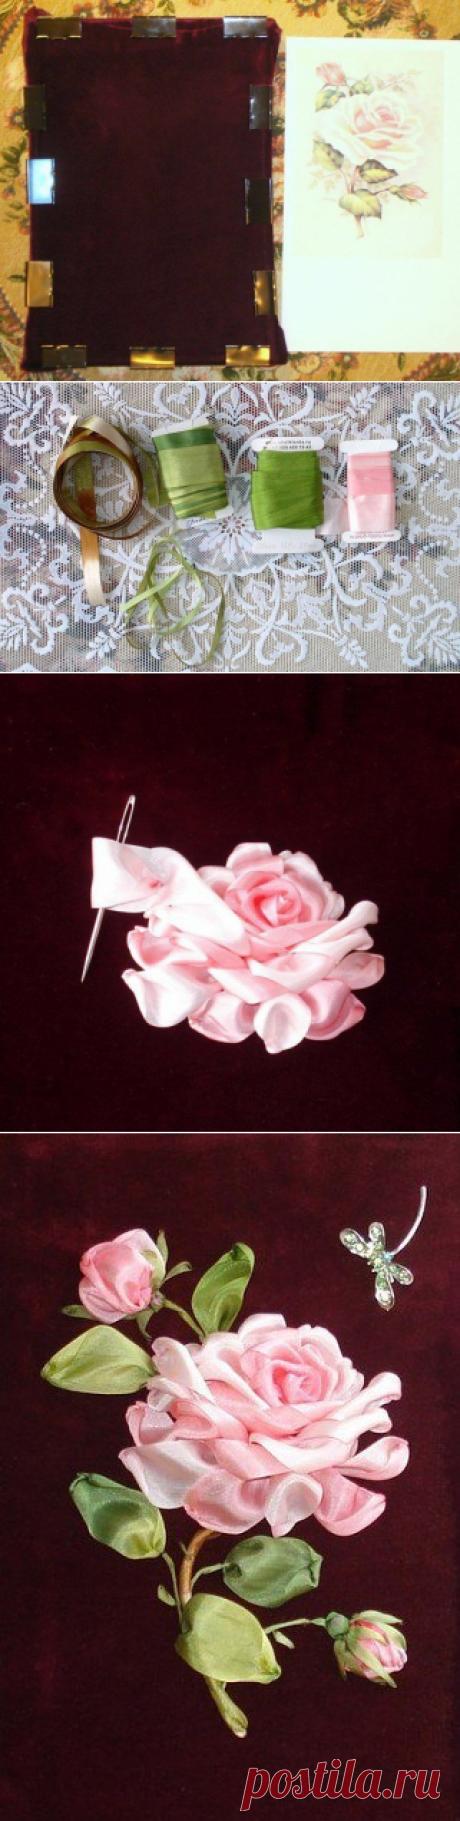 Вышивка лентами: роза. Мастер-класс. / Рукоделие